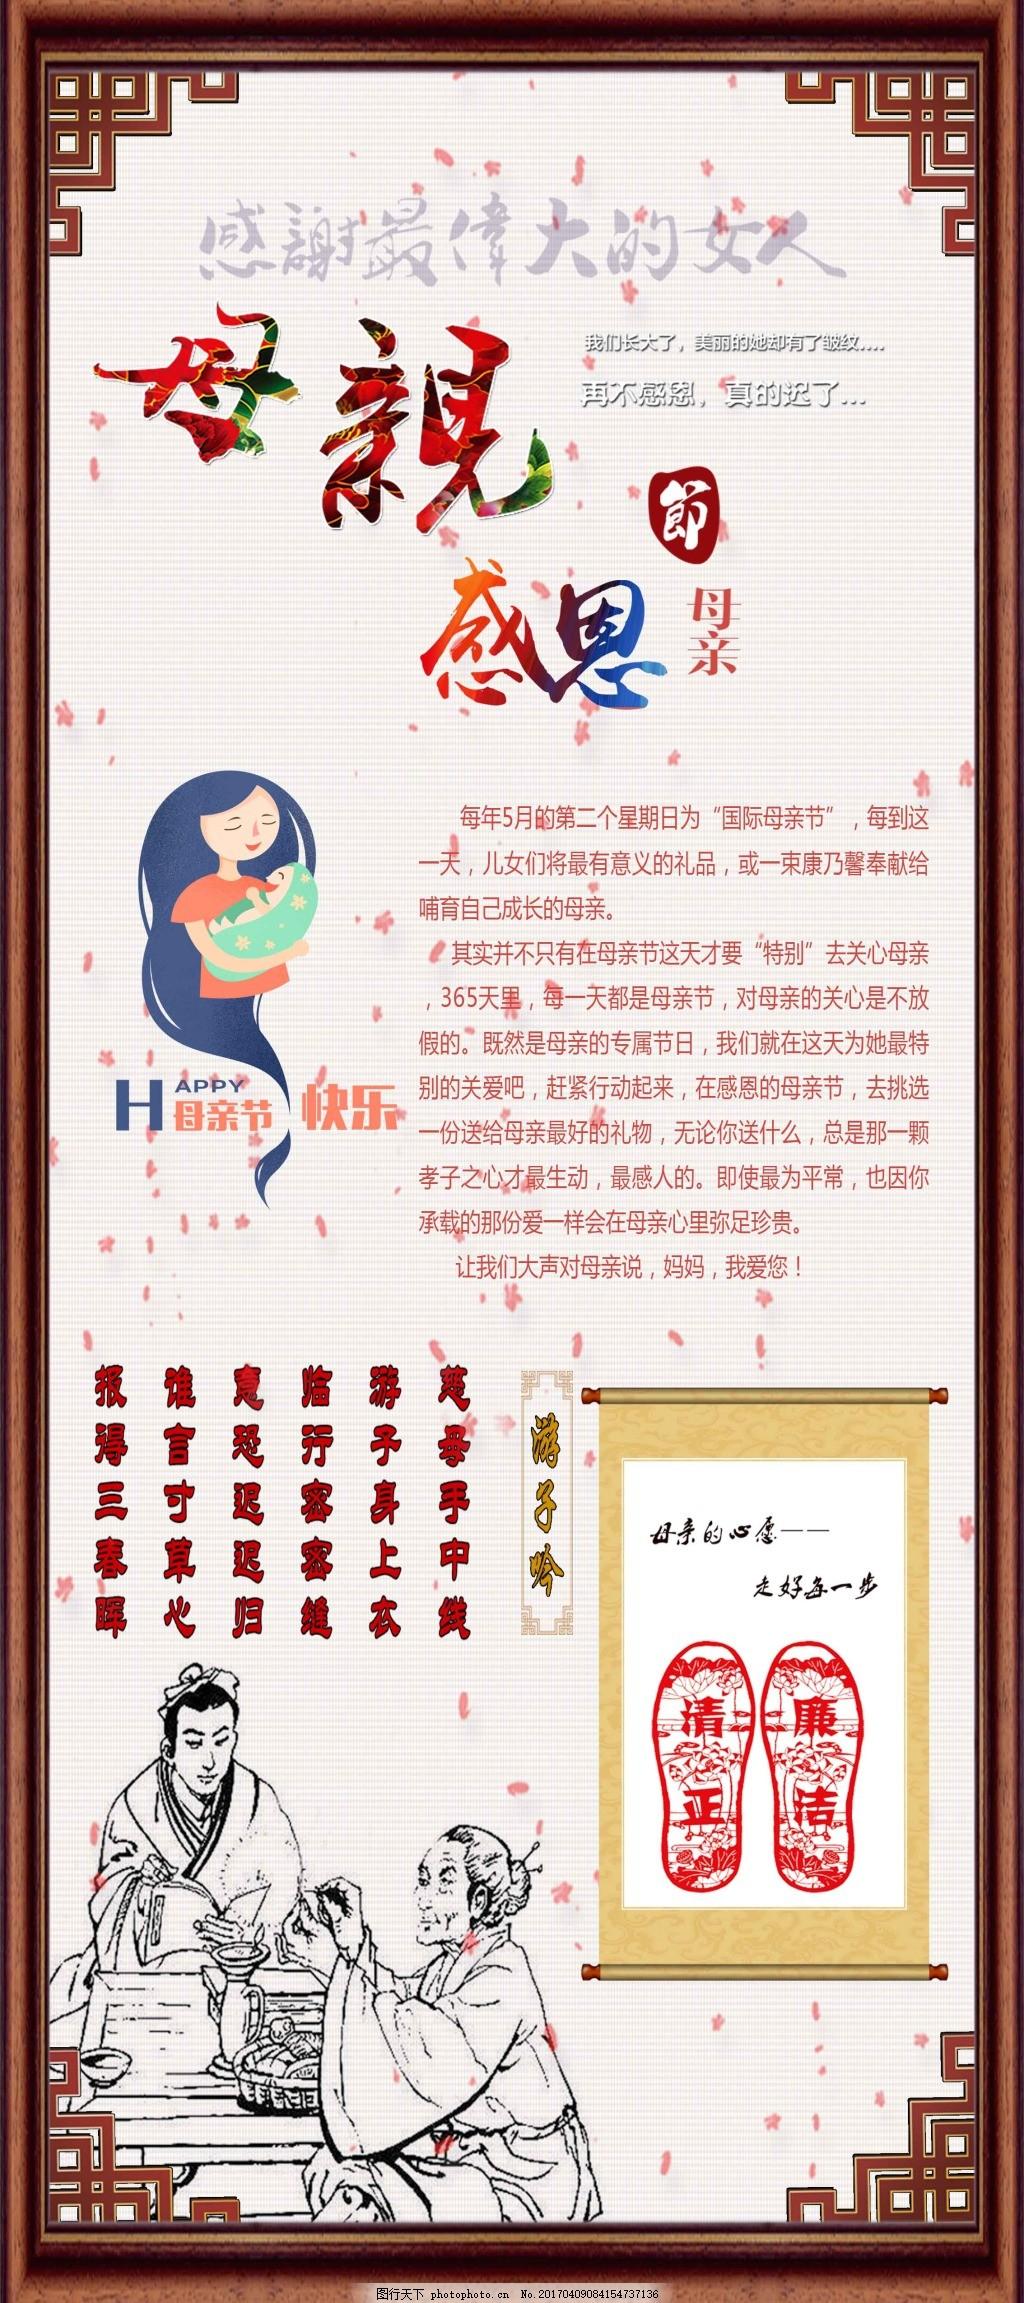 清正廉洁 中国风背景 古香古色背景 脚剪纸 母亲漫画 母亲节简画